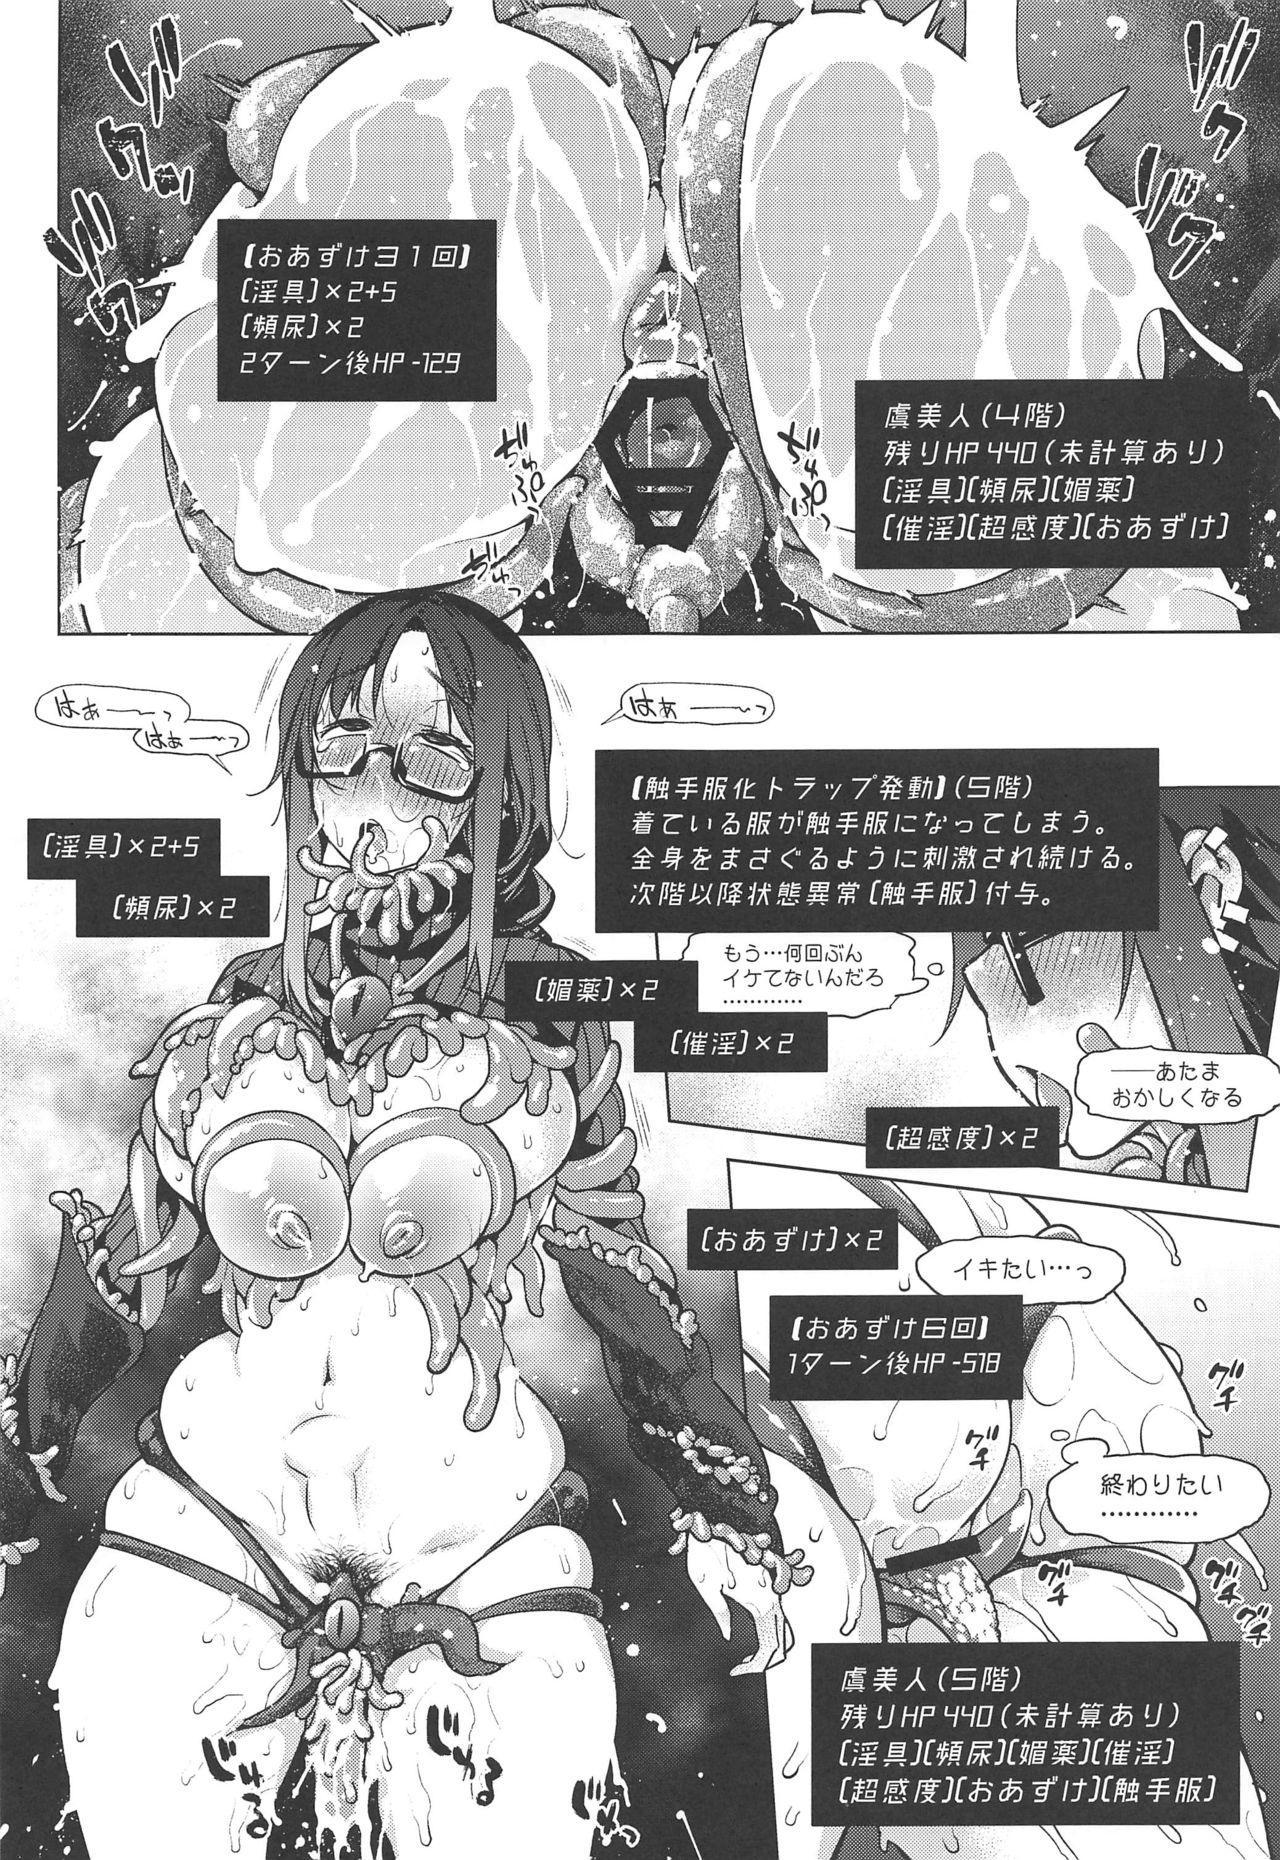 Gubijin Ero Trap Dungeon 18